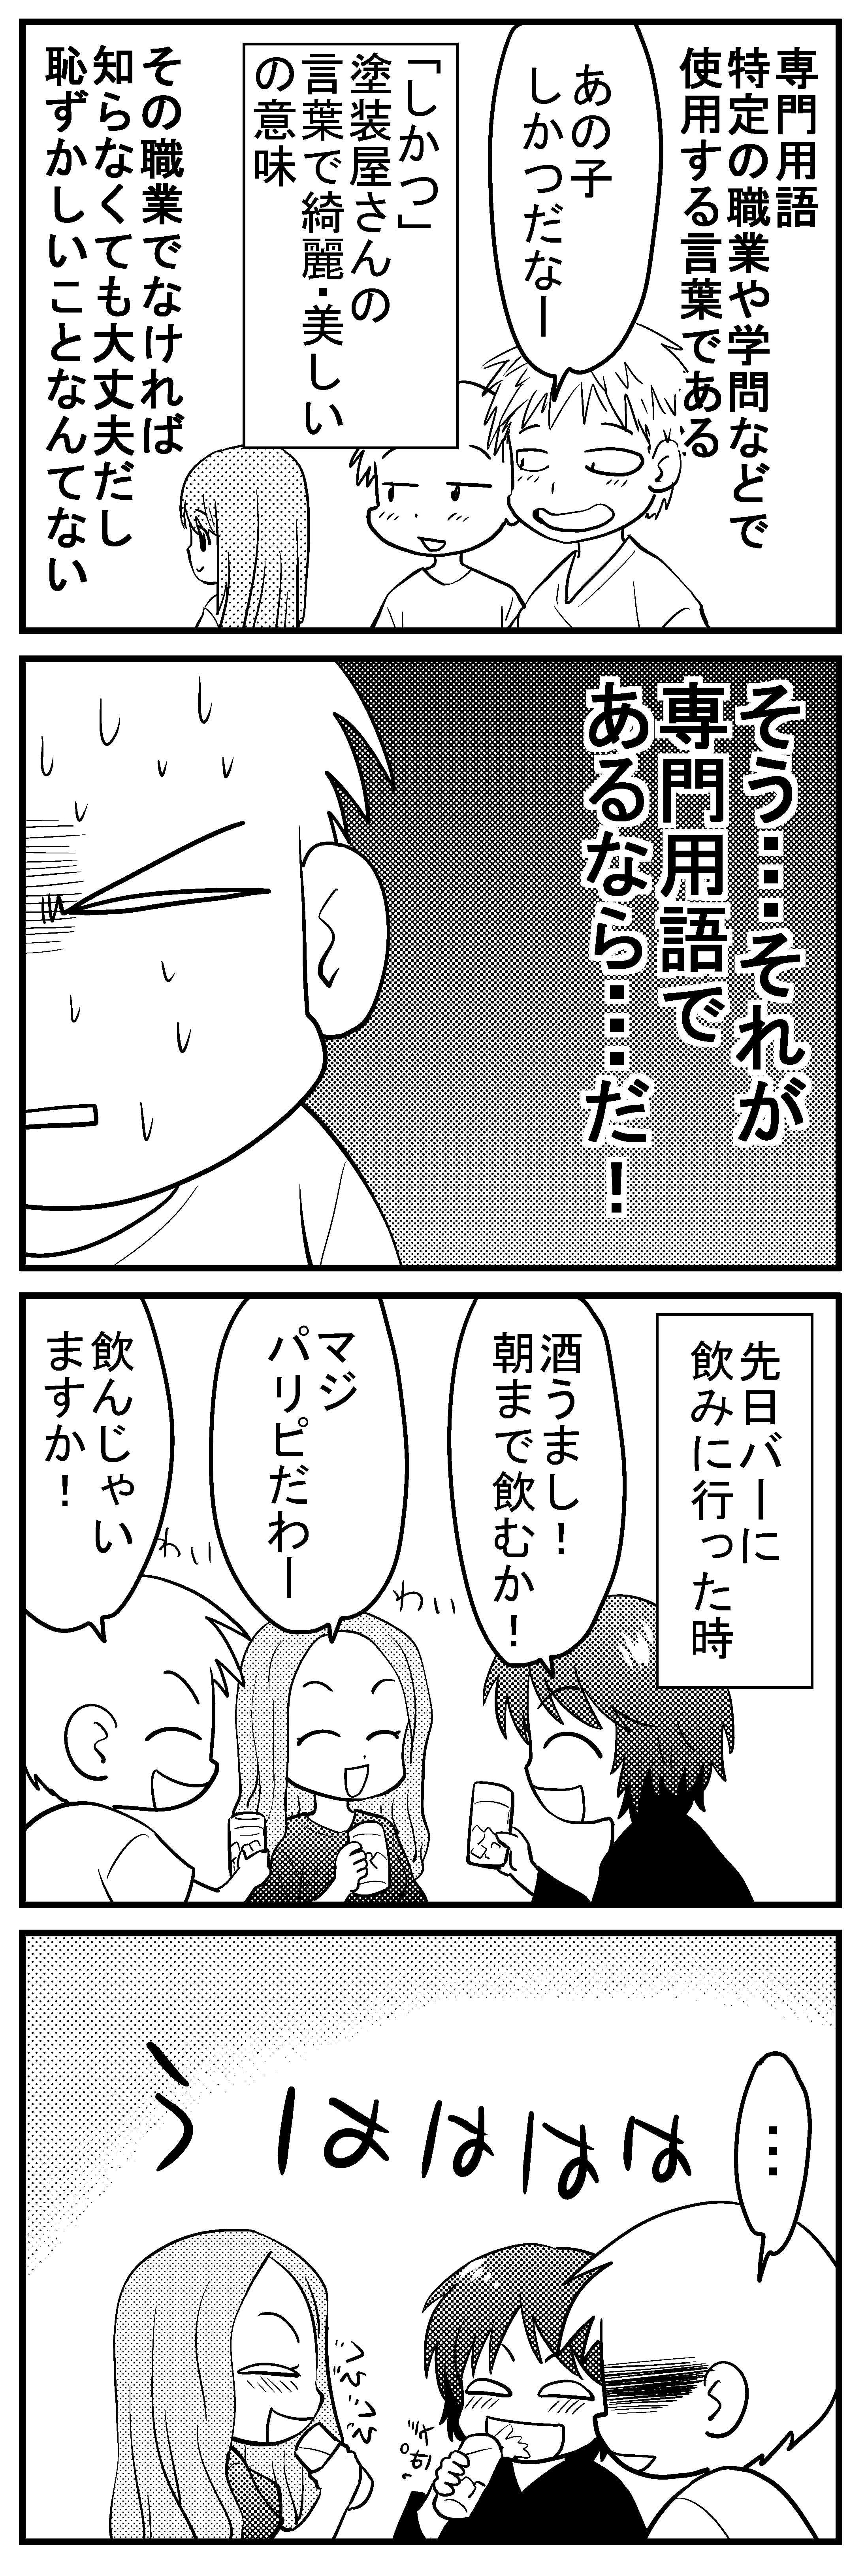 深読みくん21 1-1